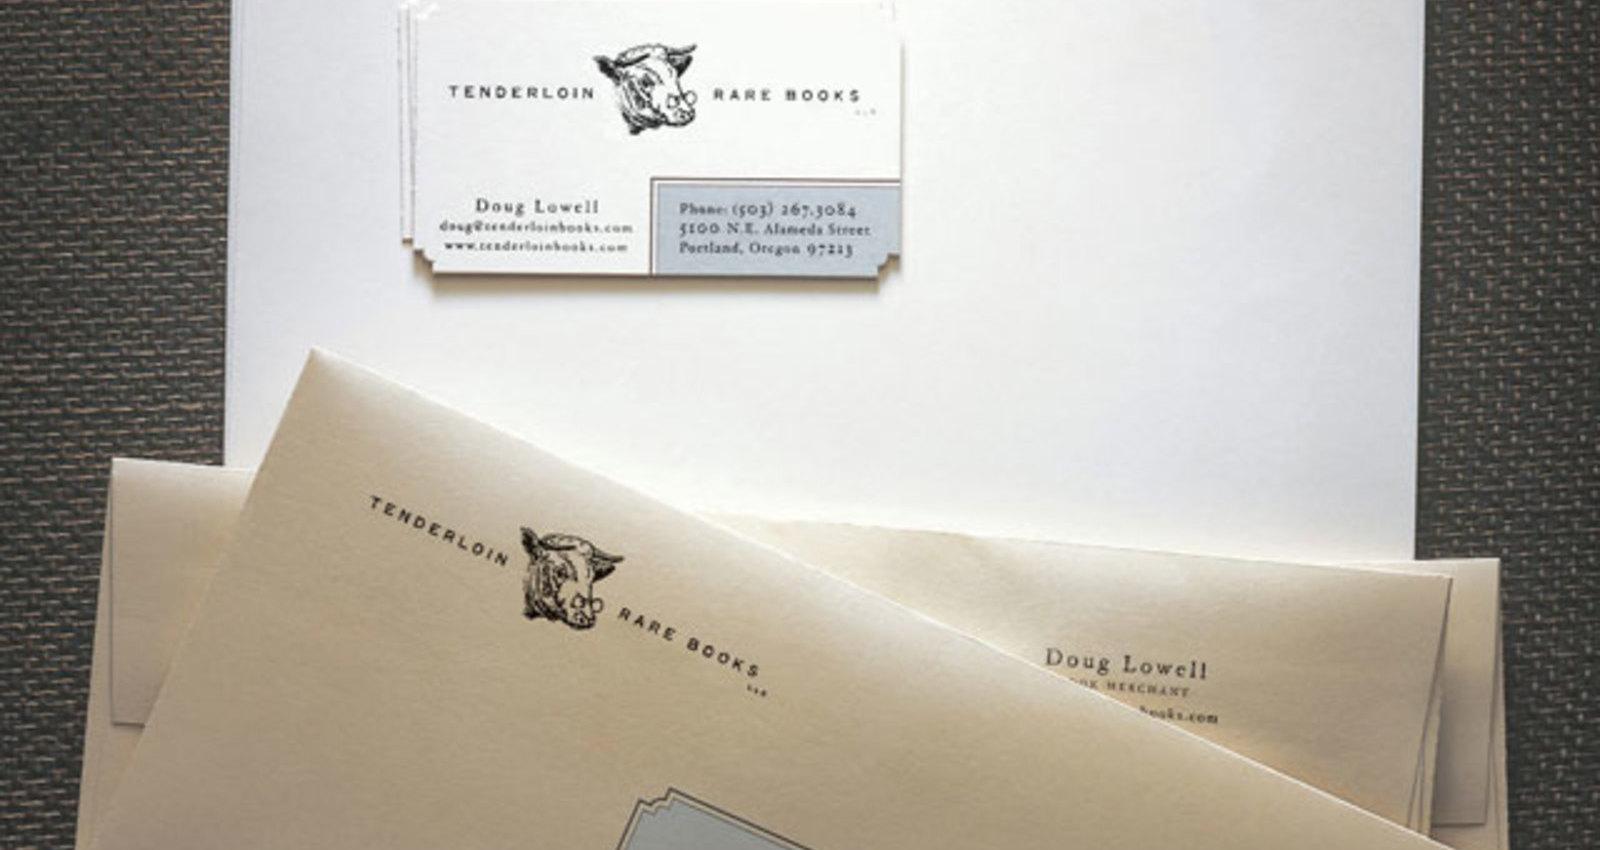 Tenderloin Rare Books Identity